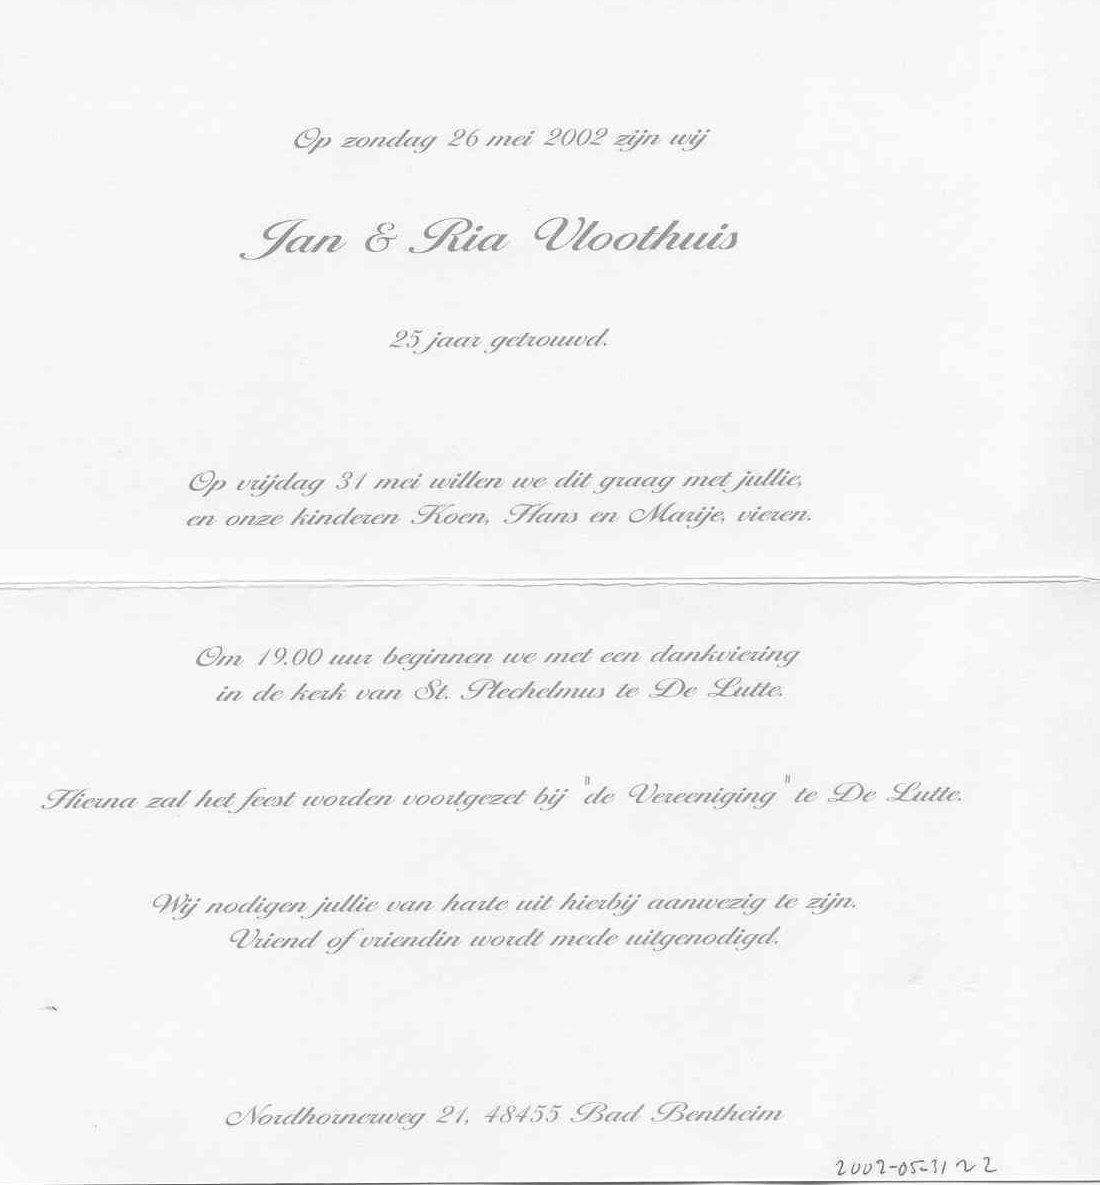 uitnodiging huwelijk tekst